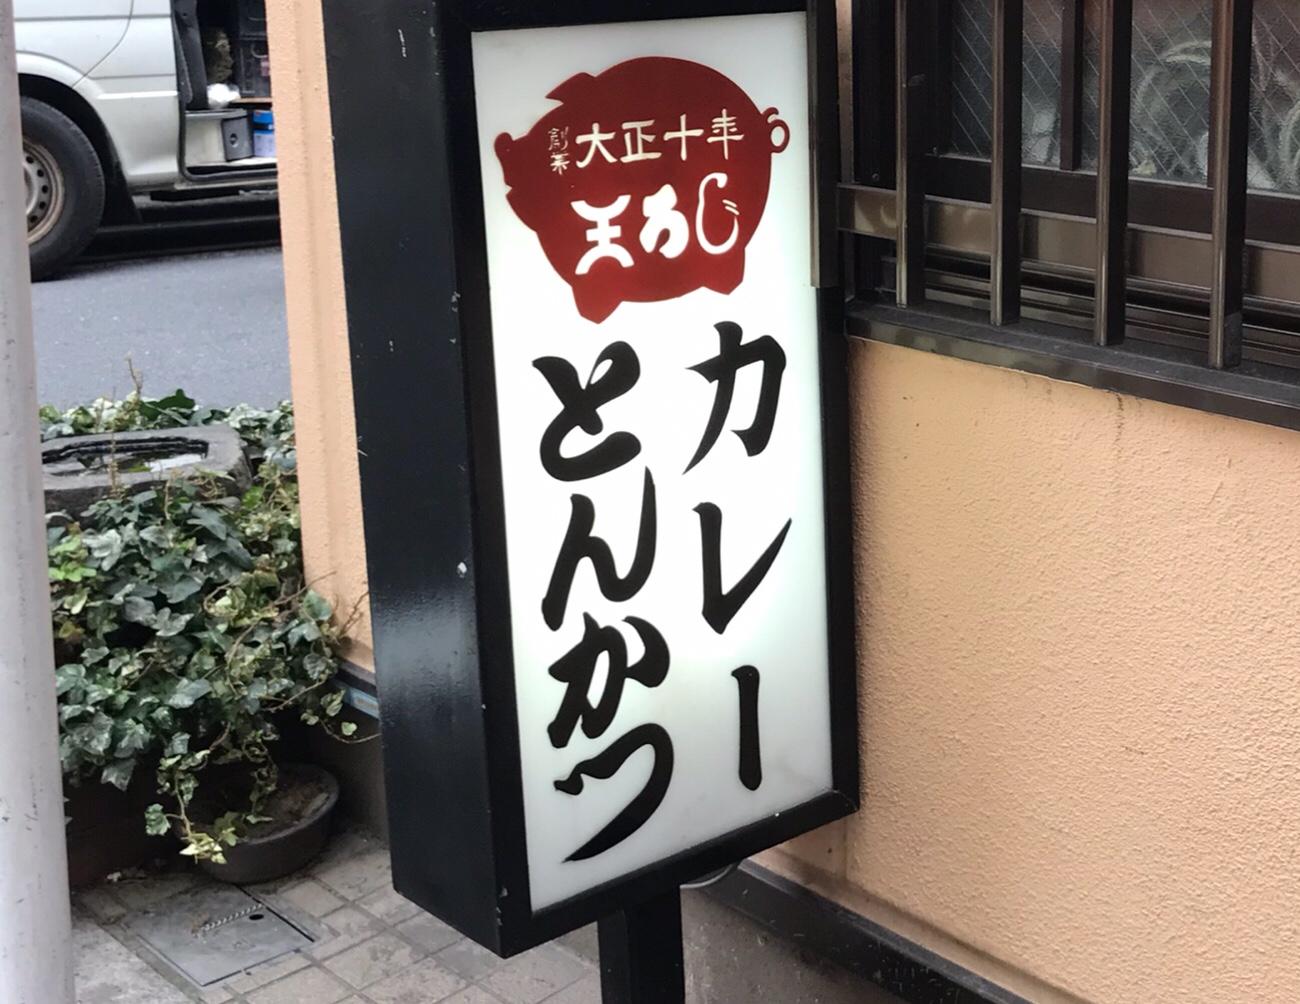 カツカレーの元祖ともいわれている新宿駅近いとんかつ王ろじ